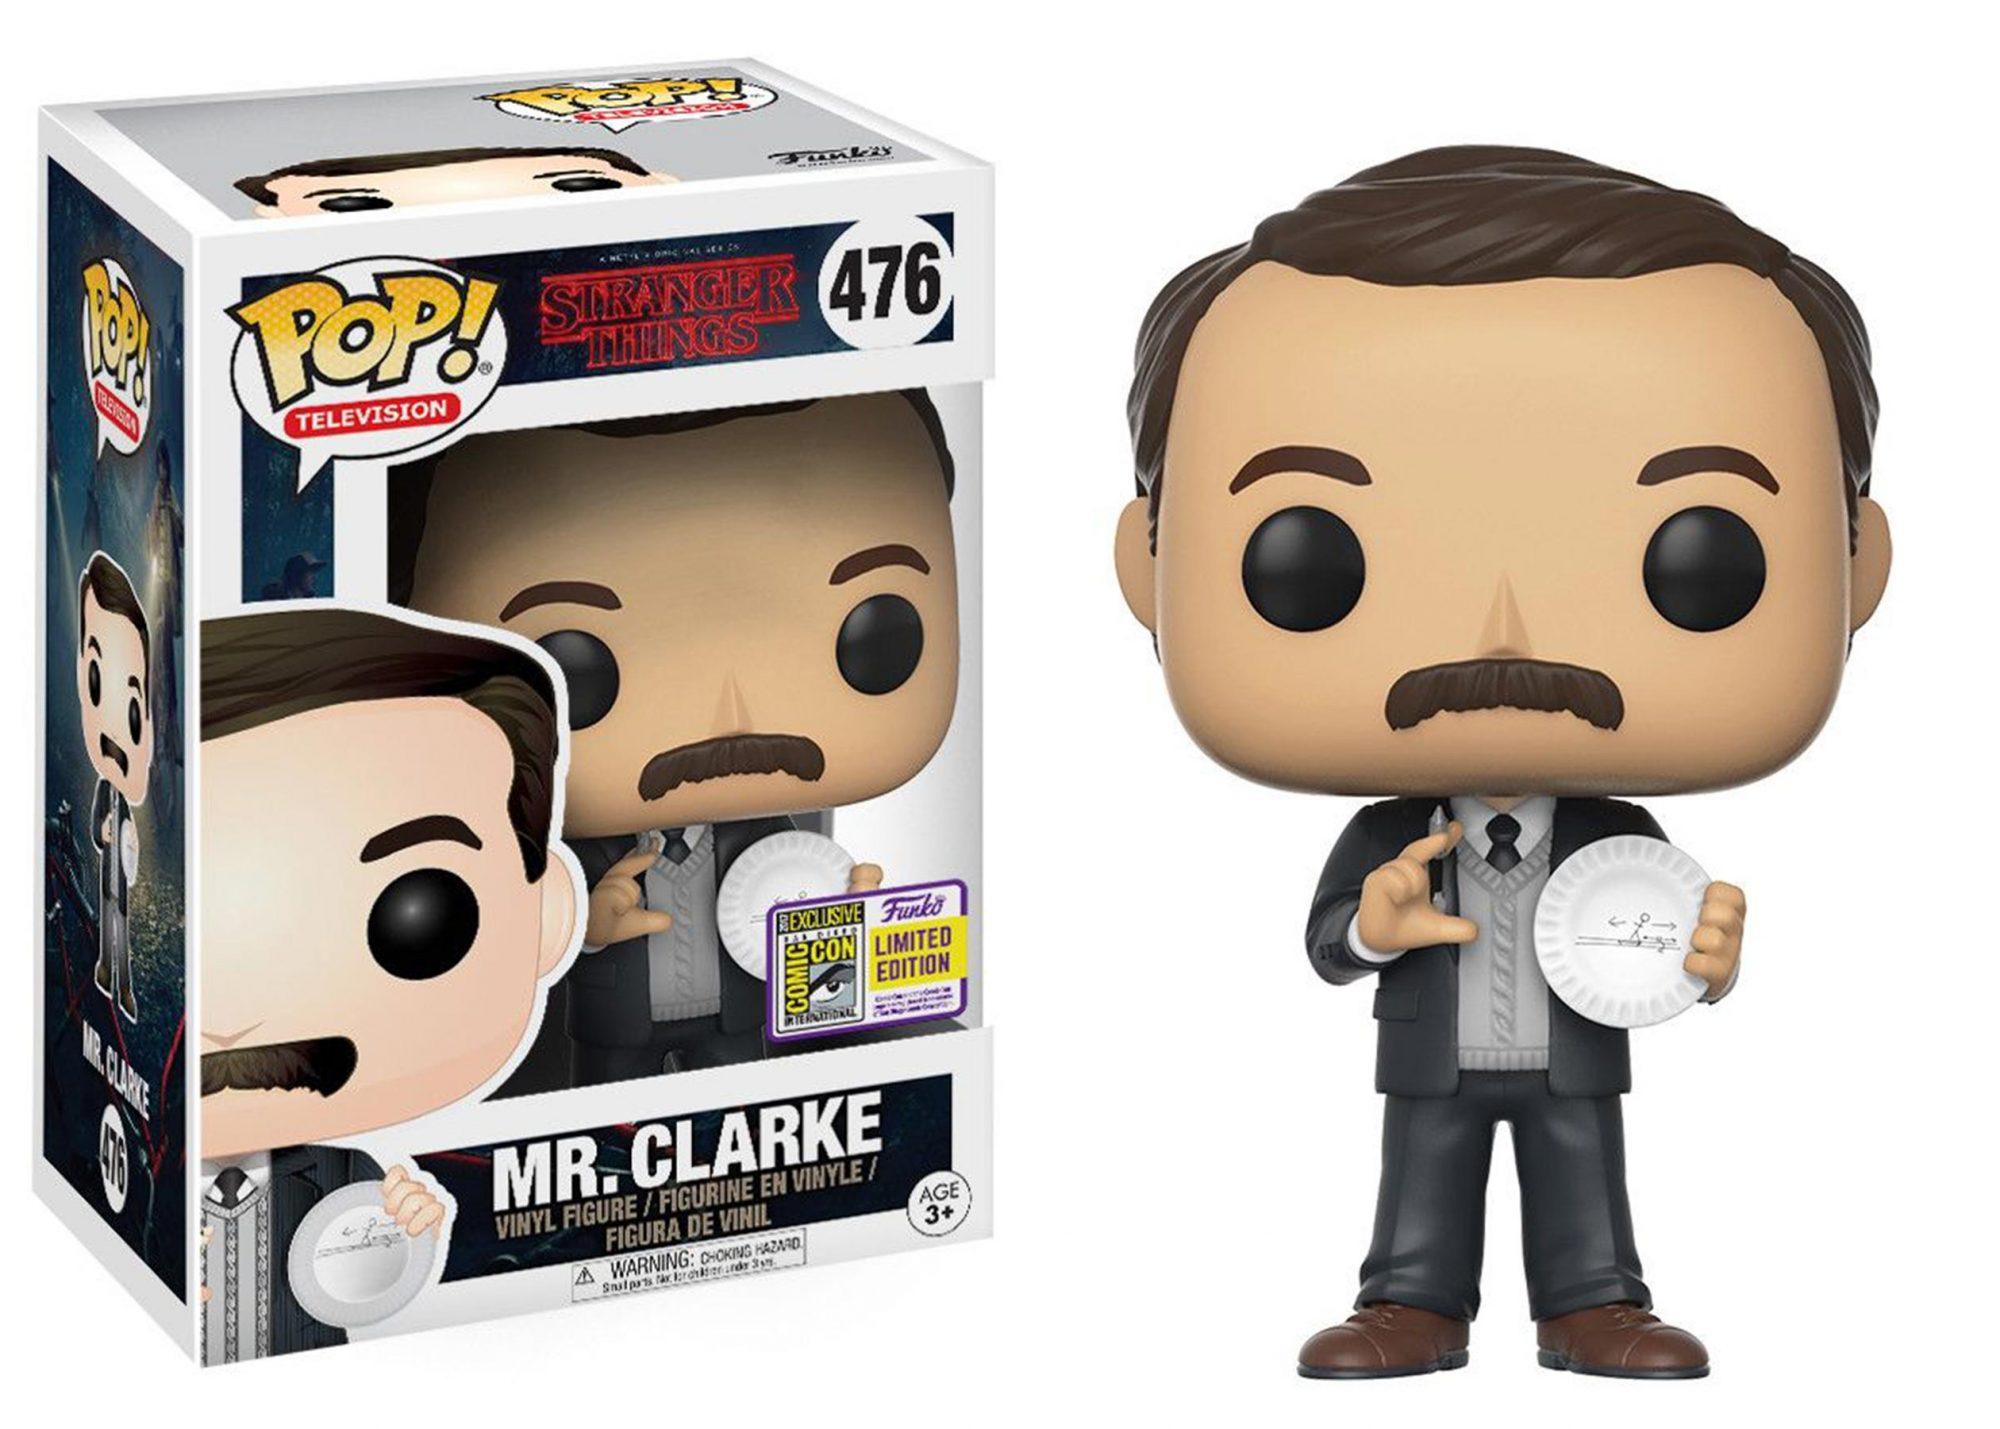 stranger things mr clarke